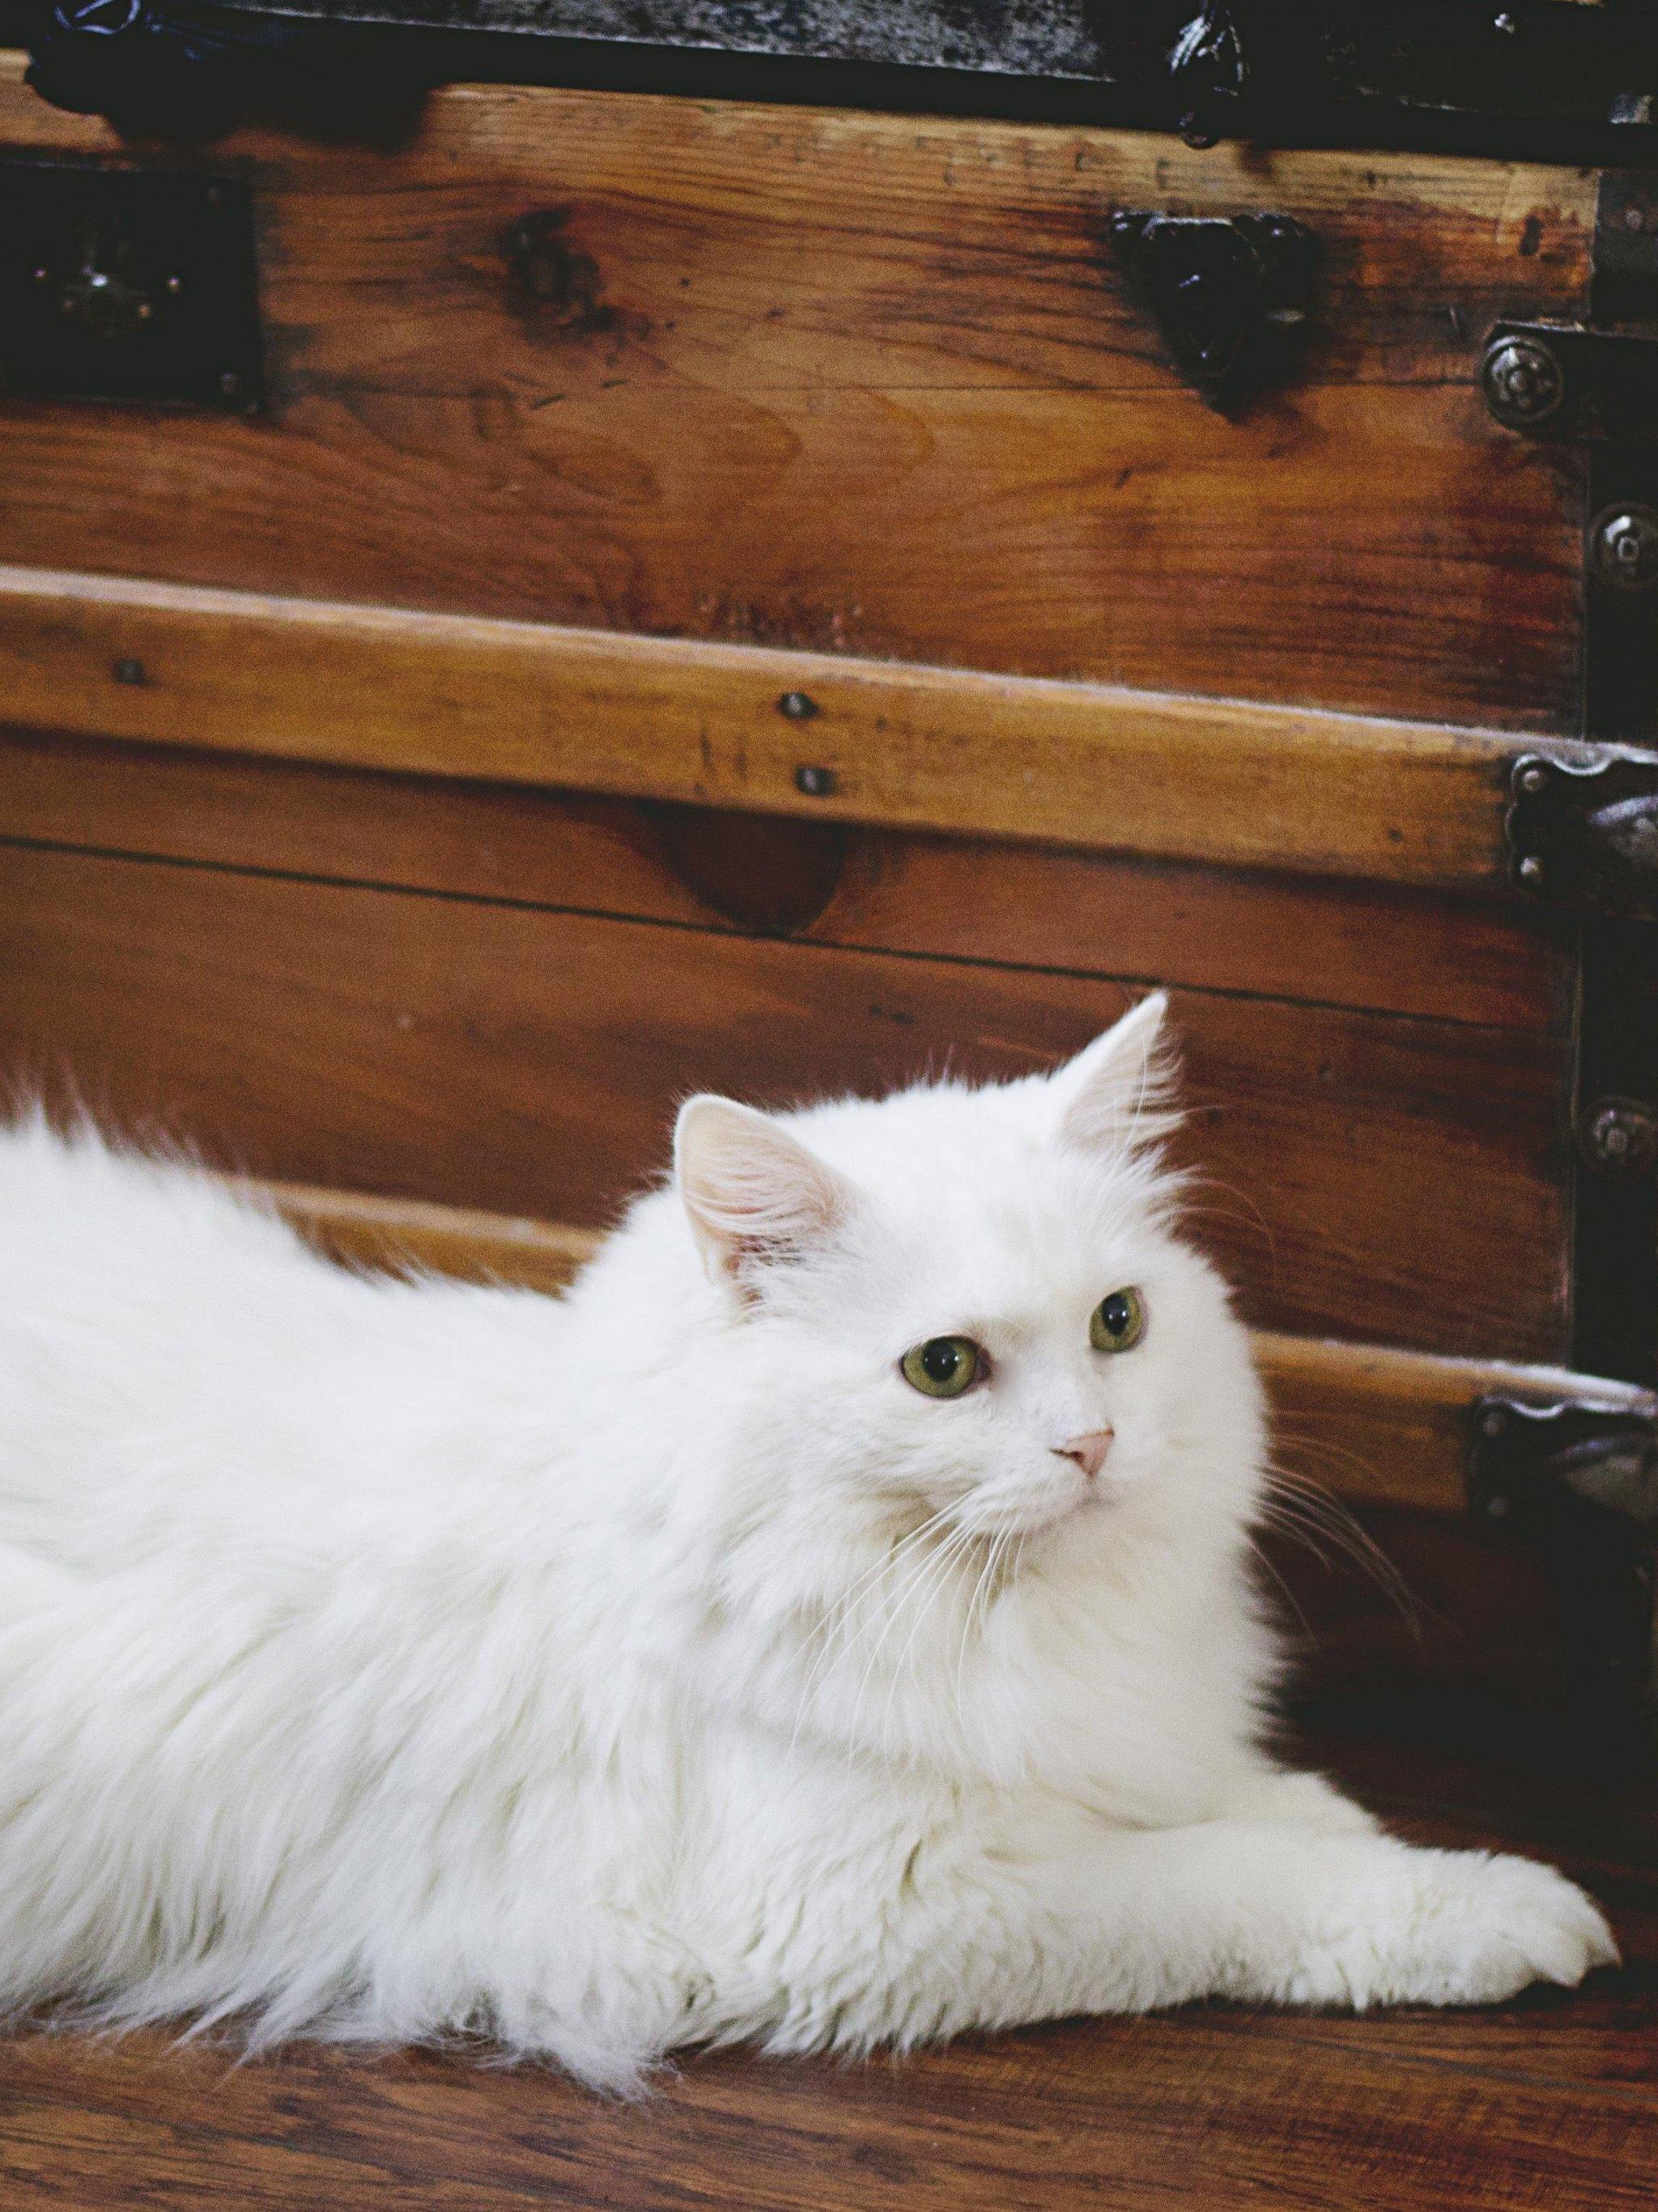 elegant white fluffy cat wallpaper mobile desktop background